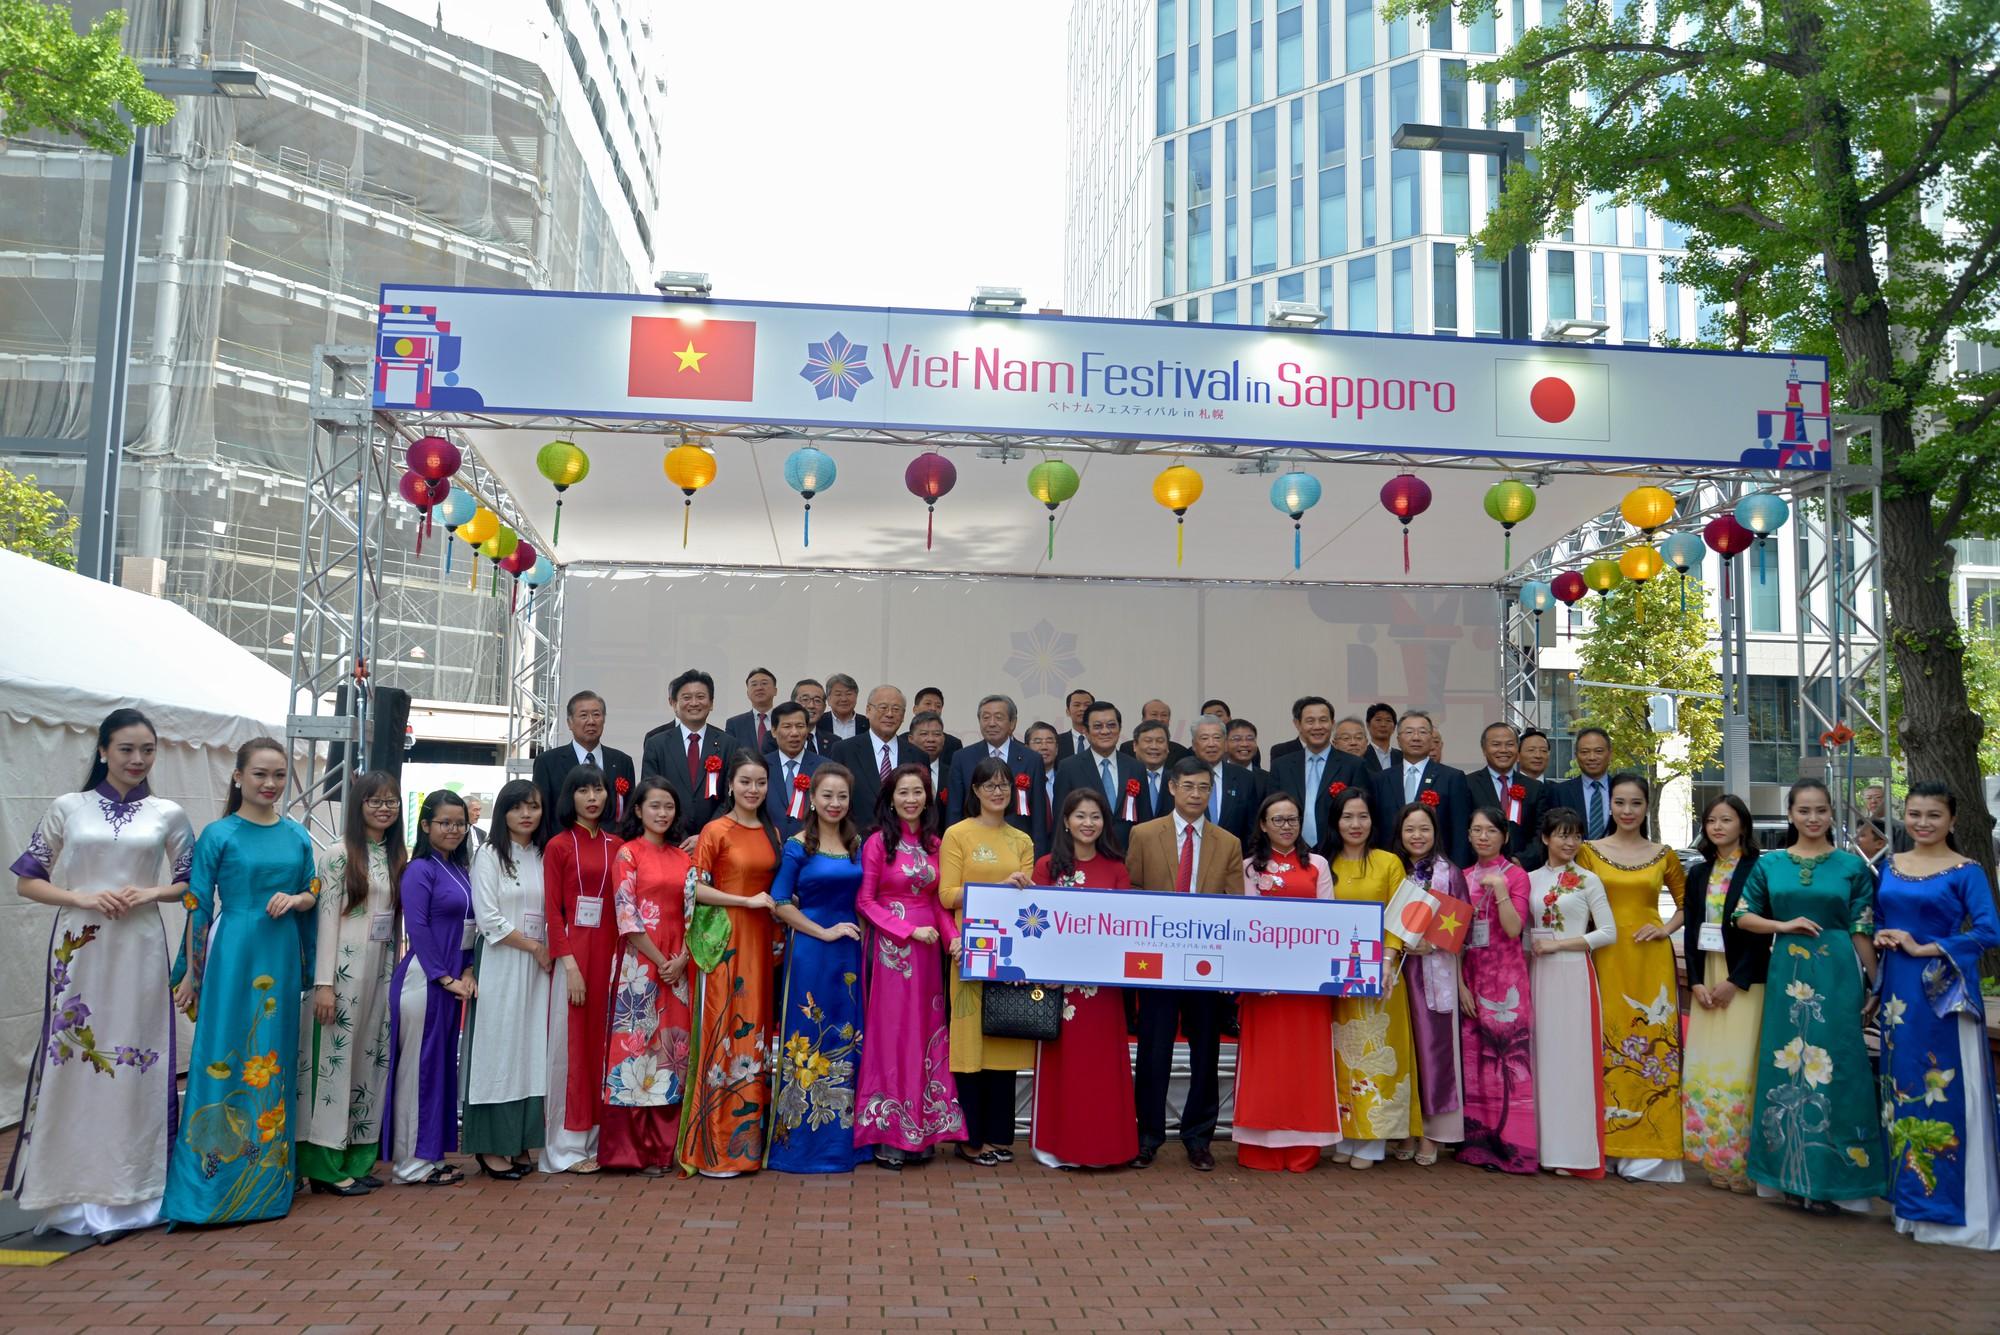 Lễ hội Việt Nam tại Sapporo năm 2019 lần thứ nhất - Ảnh 4.